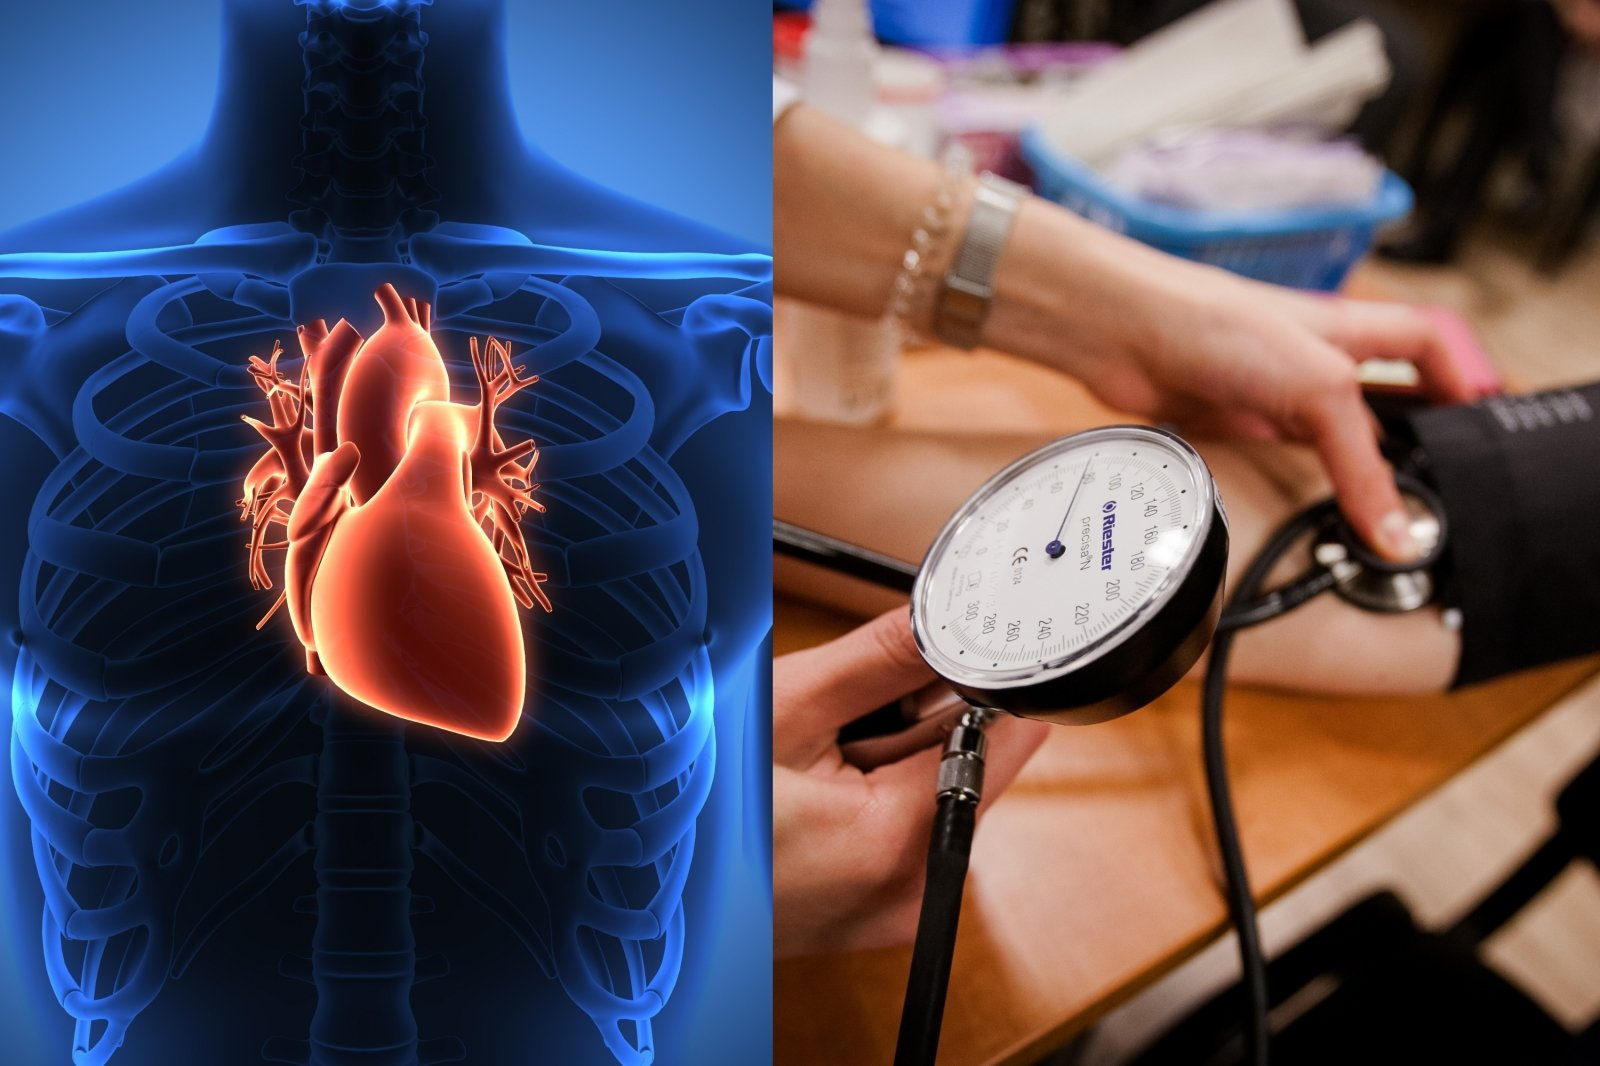 ką naudinga daryti su hipertenzija hipertenzija pirmasis priepuolis